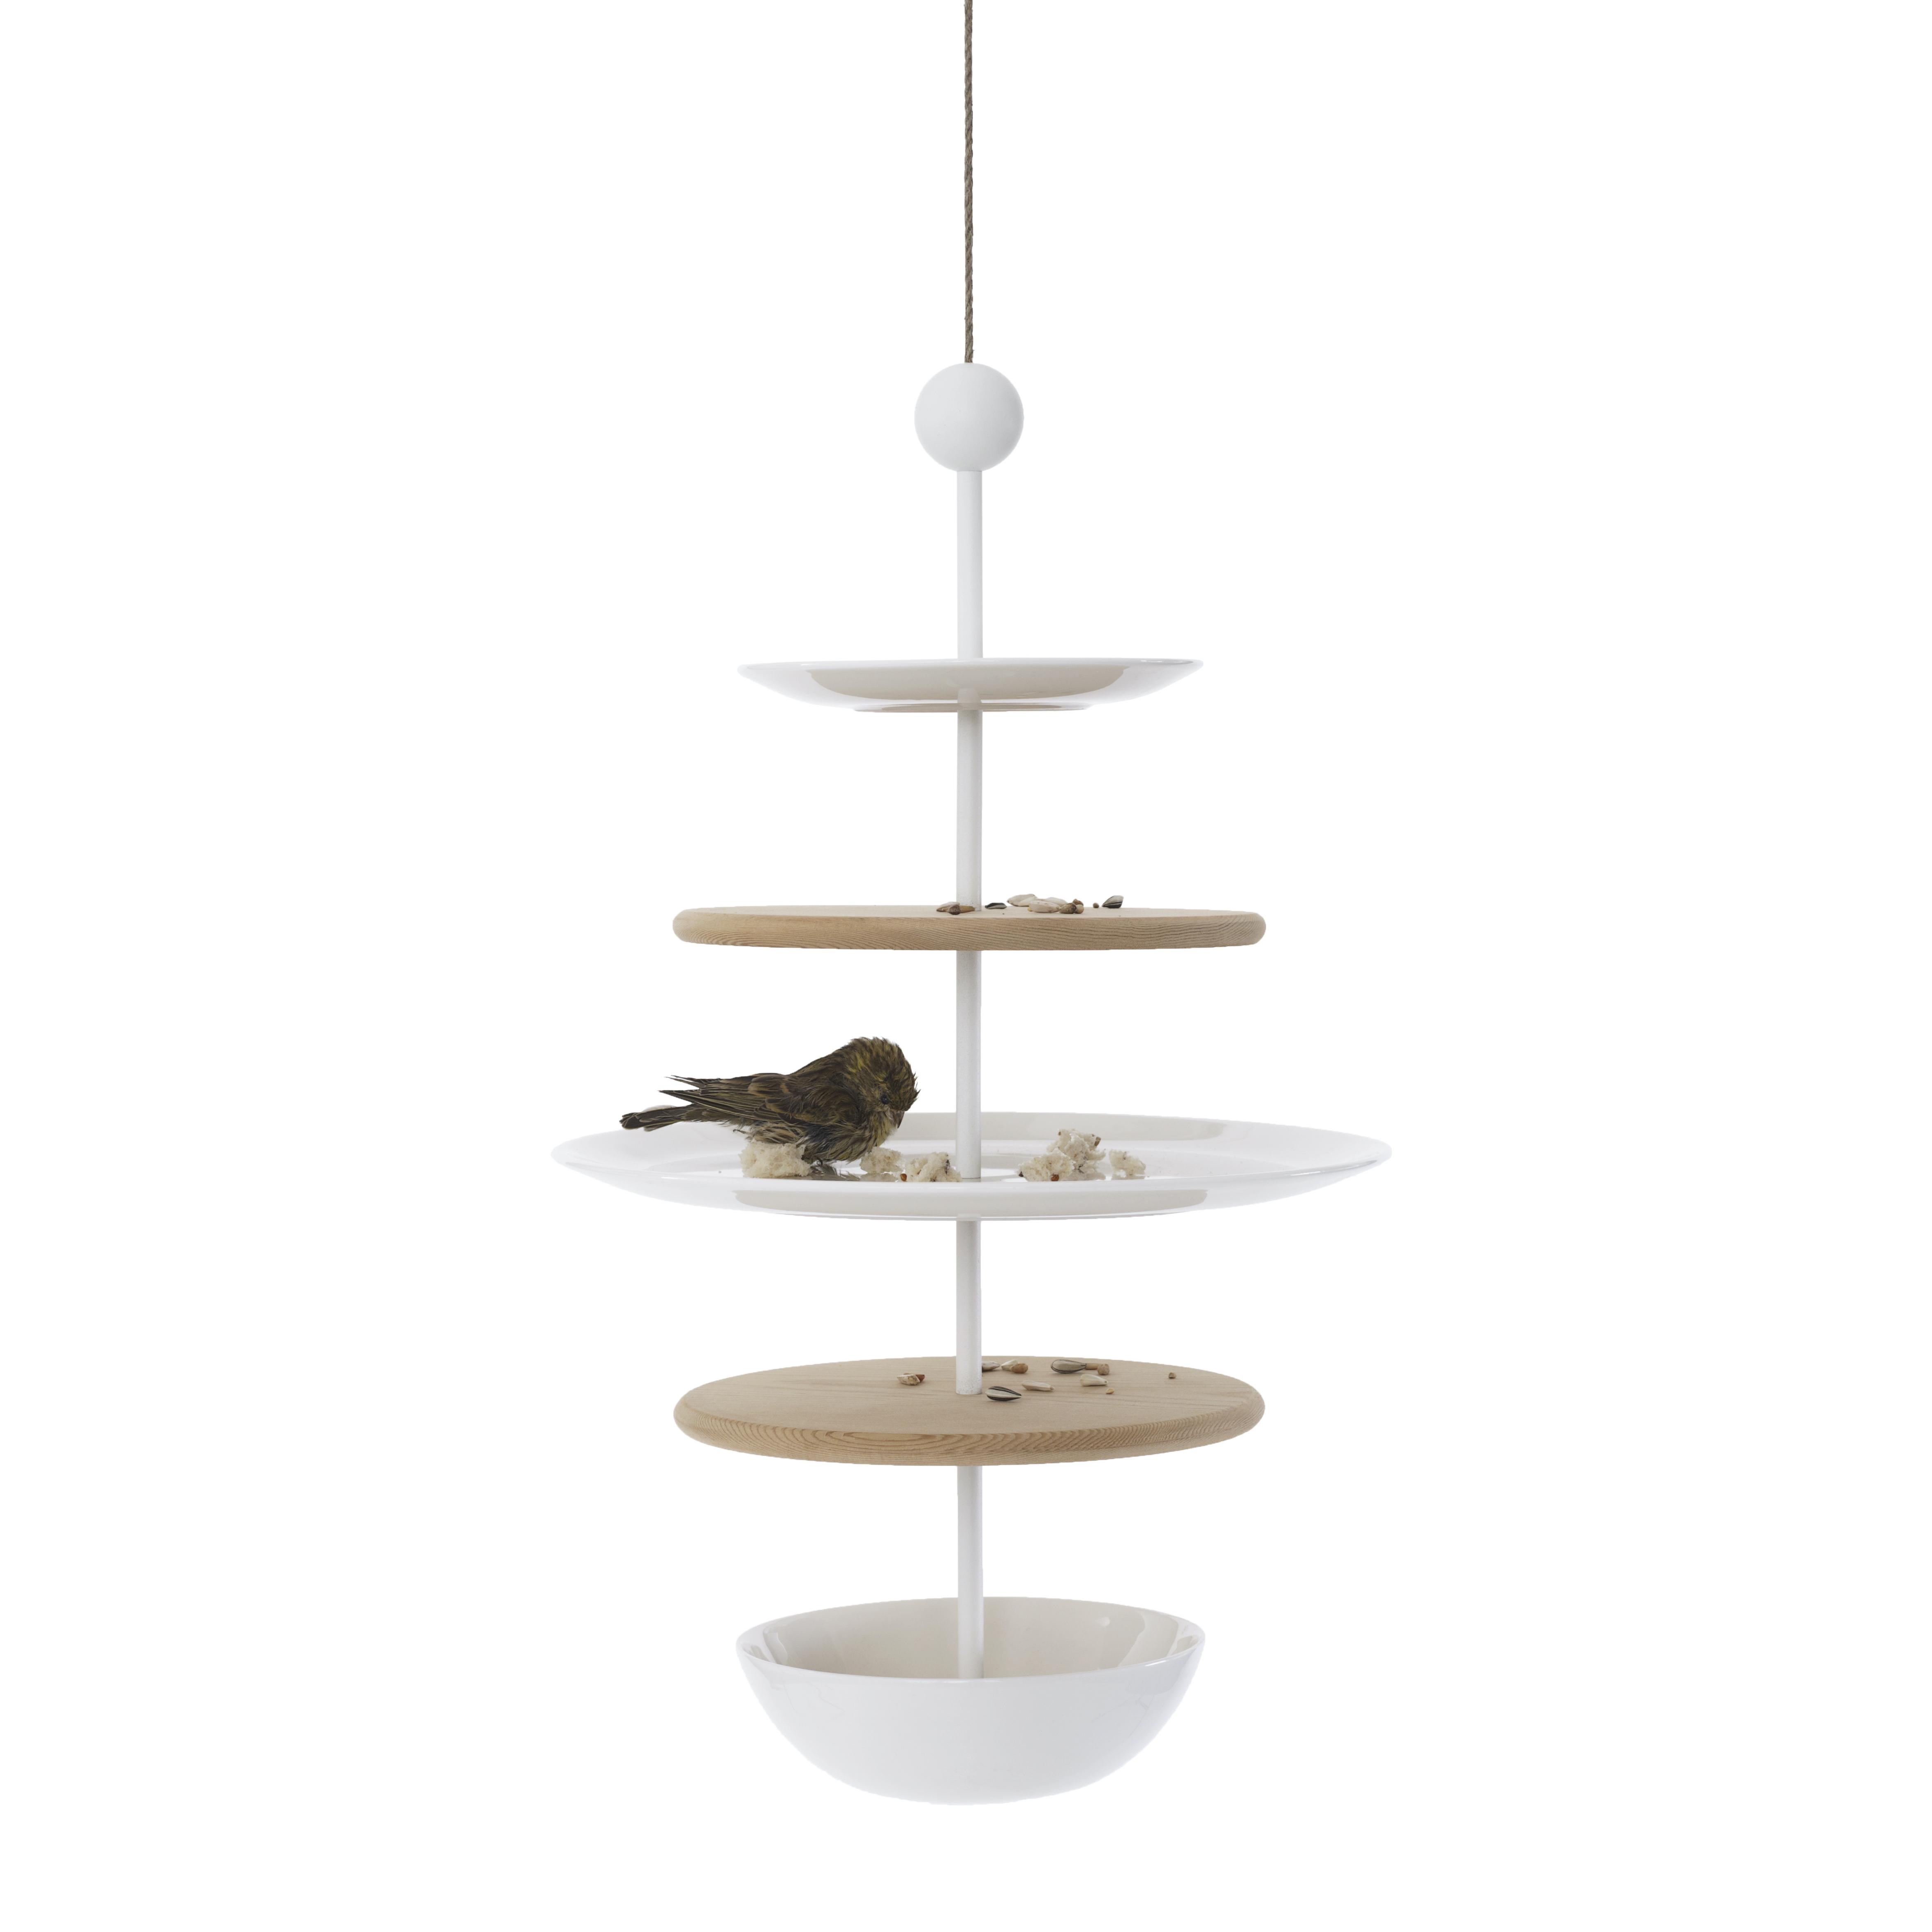 Casette di design per uccelli e mangiatoie per uccelli